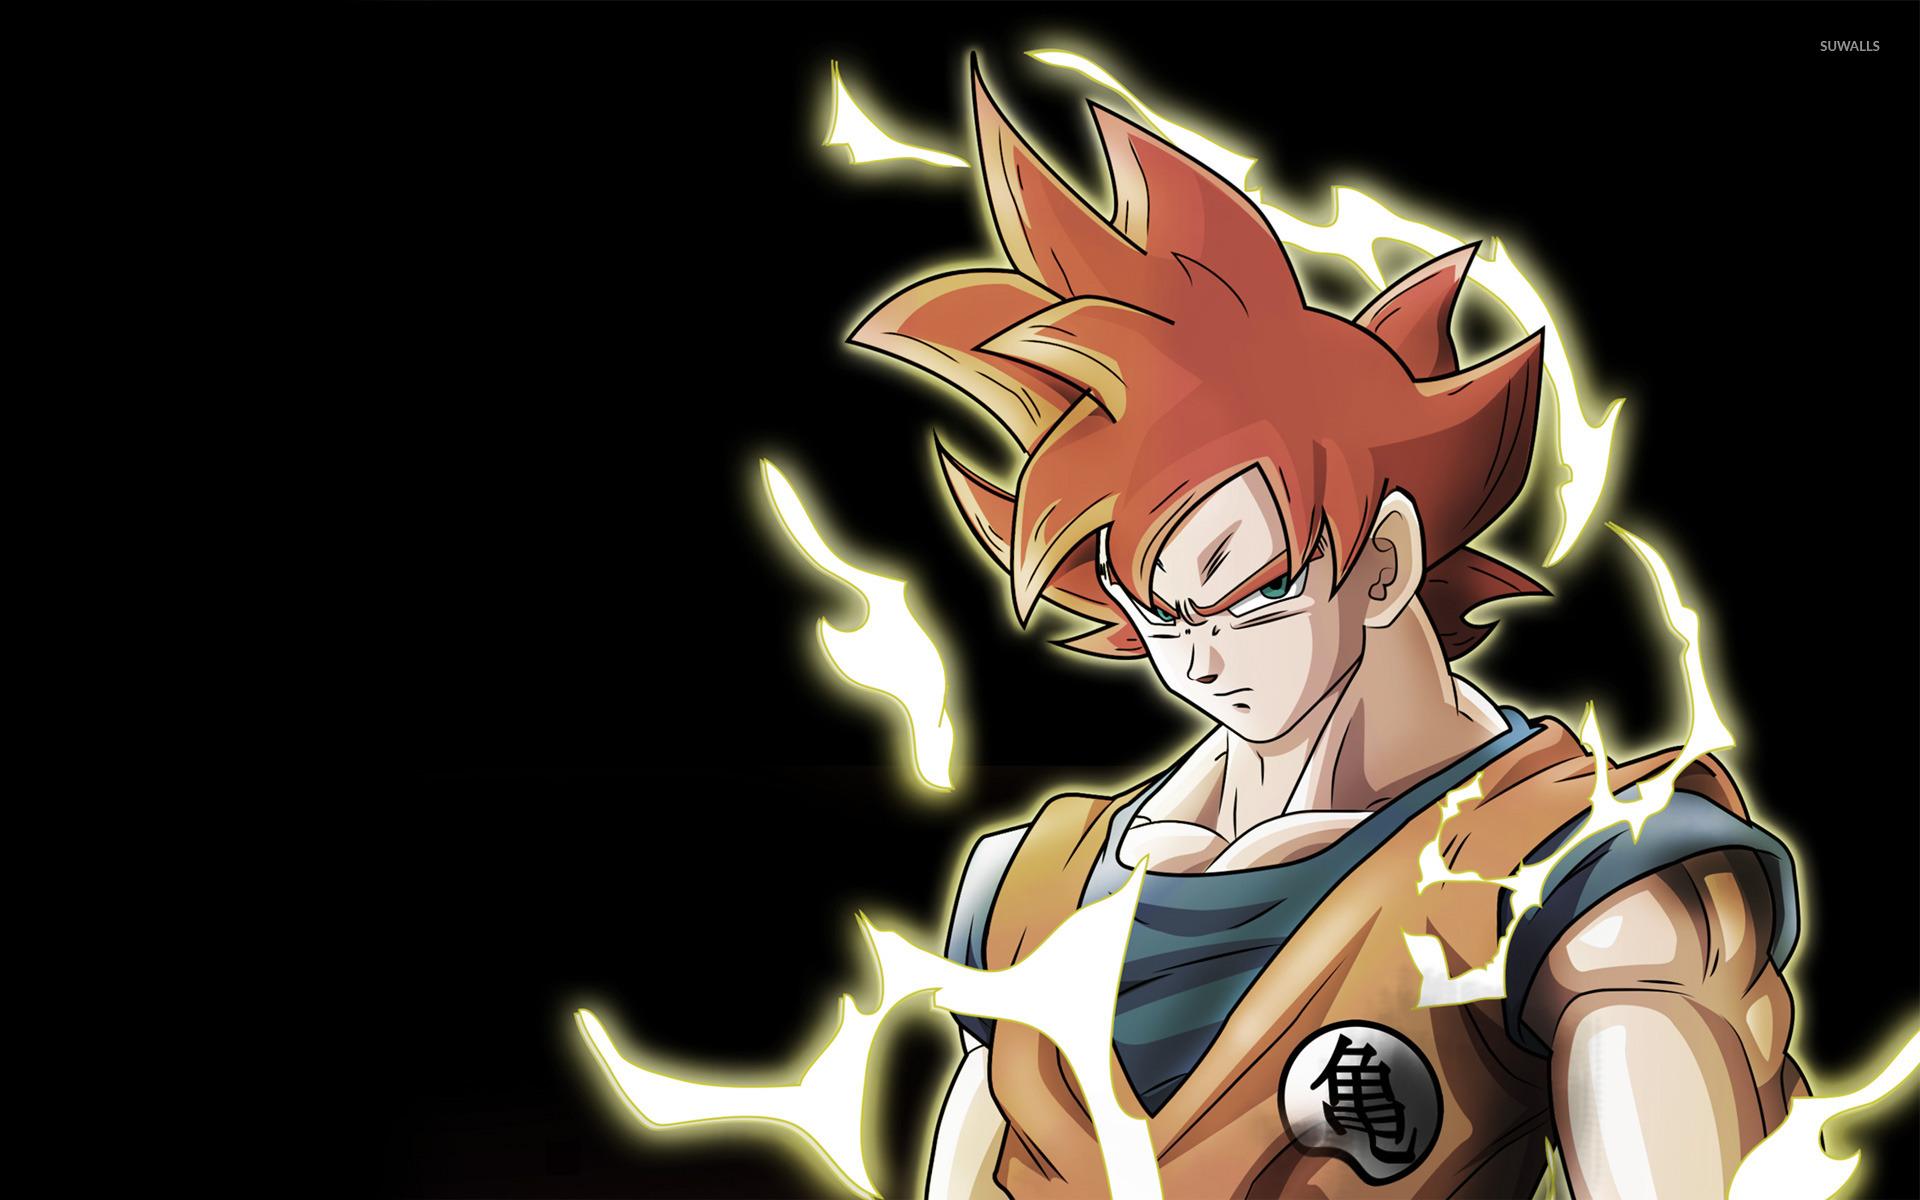 Free Download Download Dragon Ball Z Live Wallpaper Apk 66